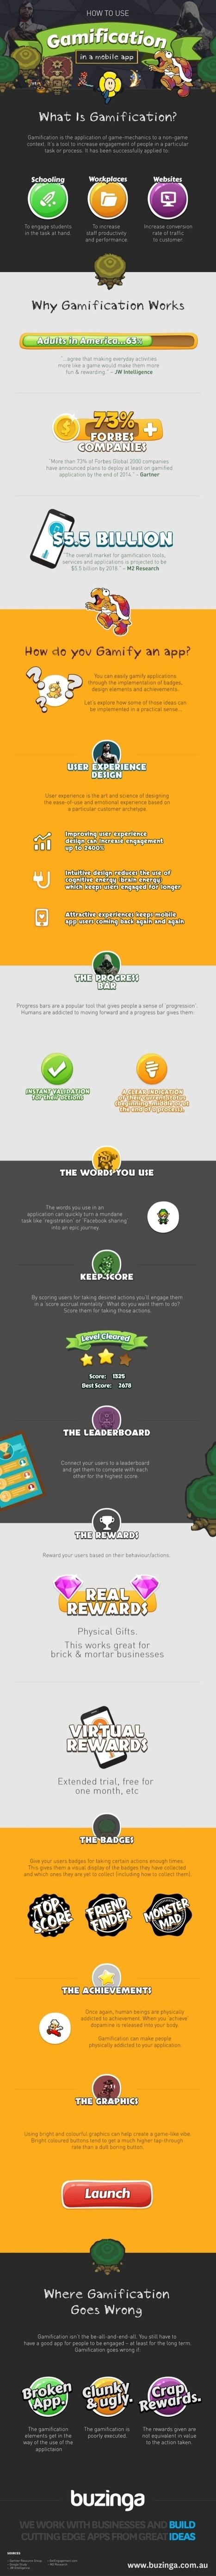 Cómo usar la gamificación en Apps móviles #infografia #infographic #software | gestion de personas y social media | Scoop.it